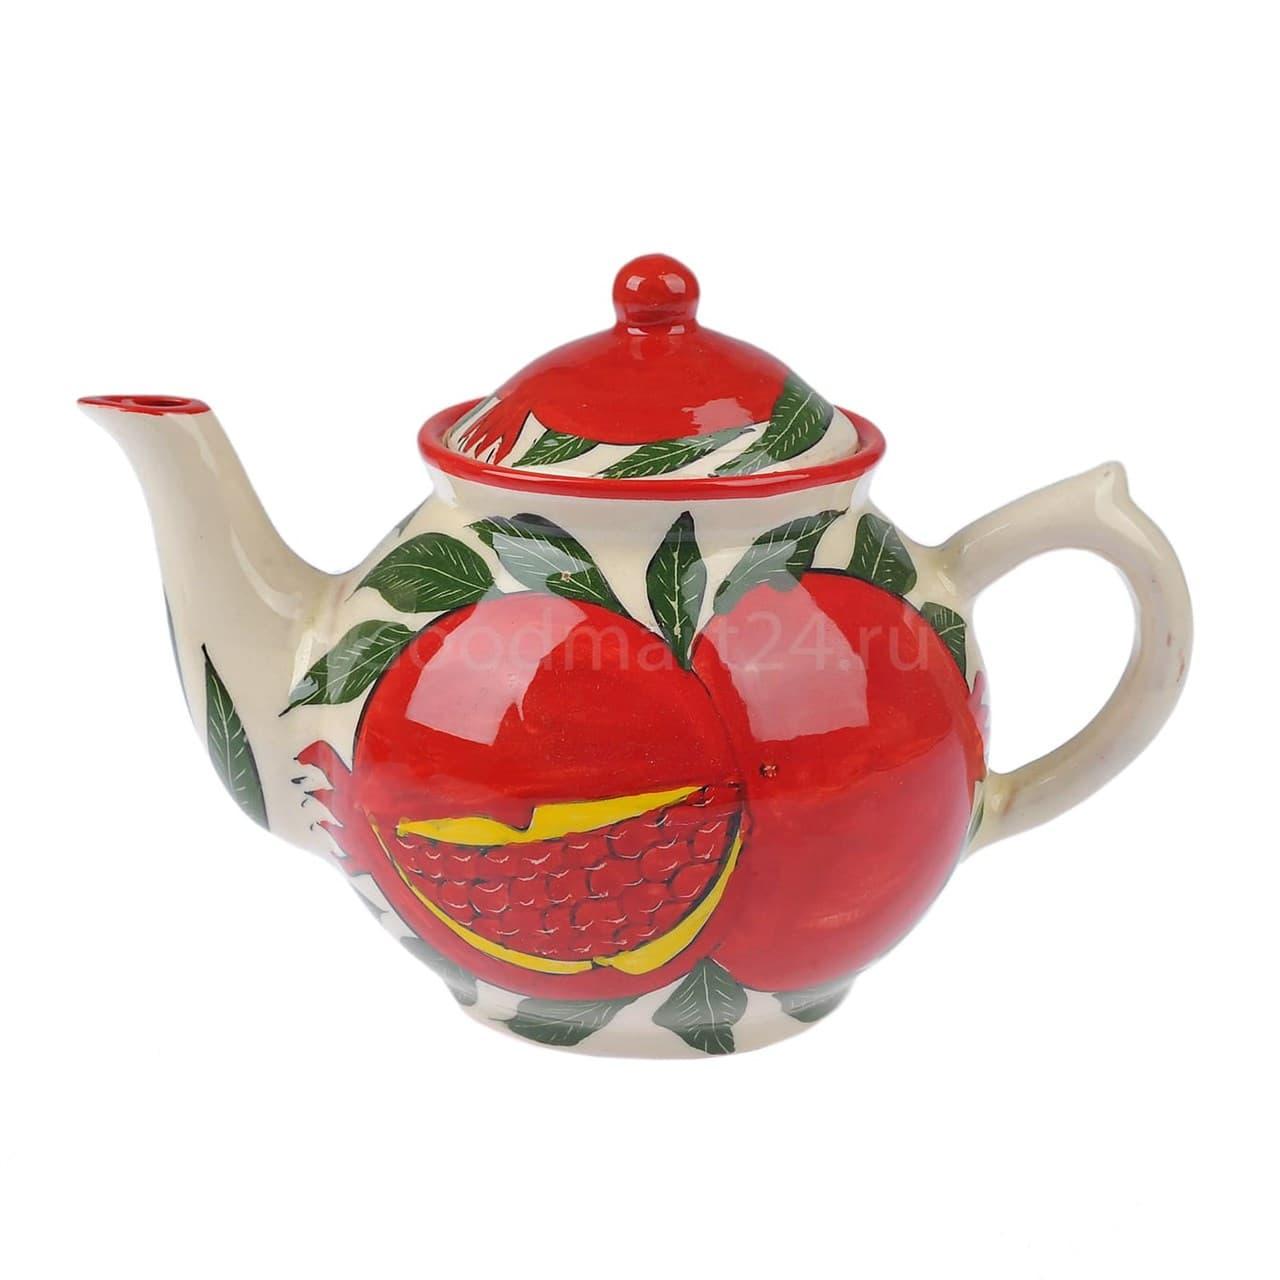 Чайник Риштанская Керамика 1 литр гранат - фото 9552